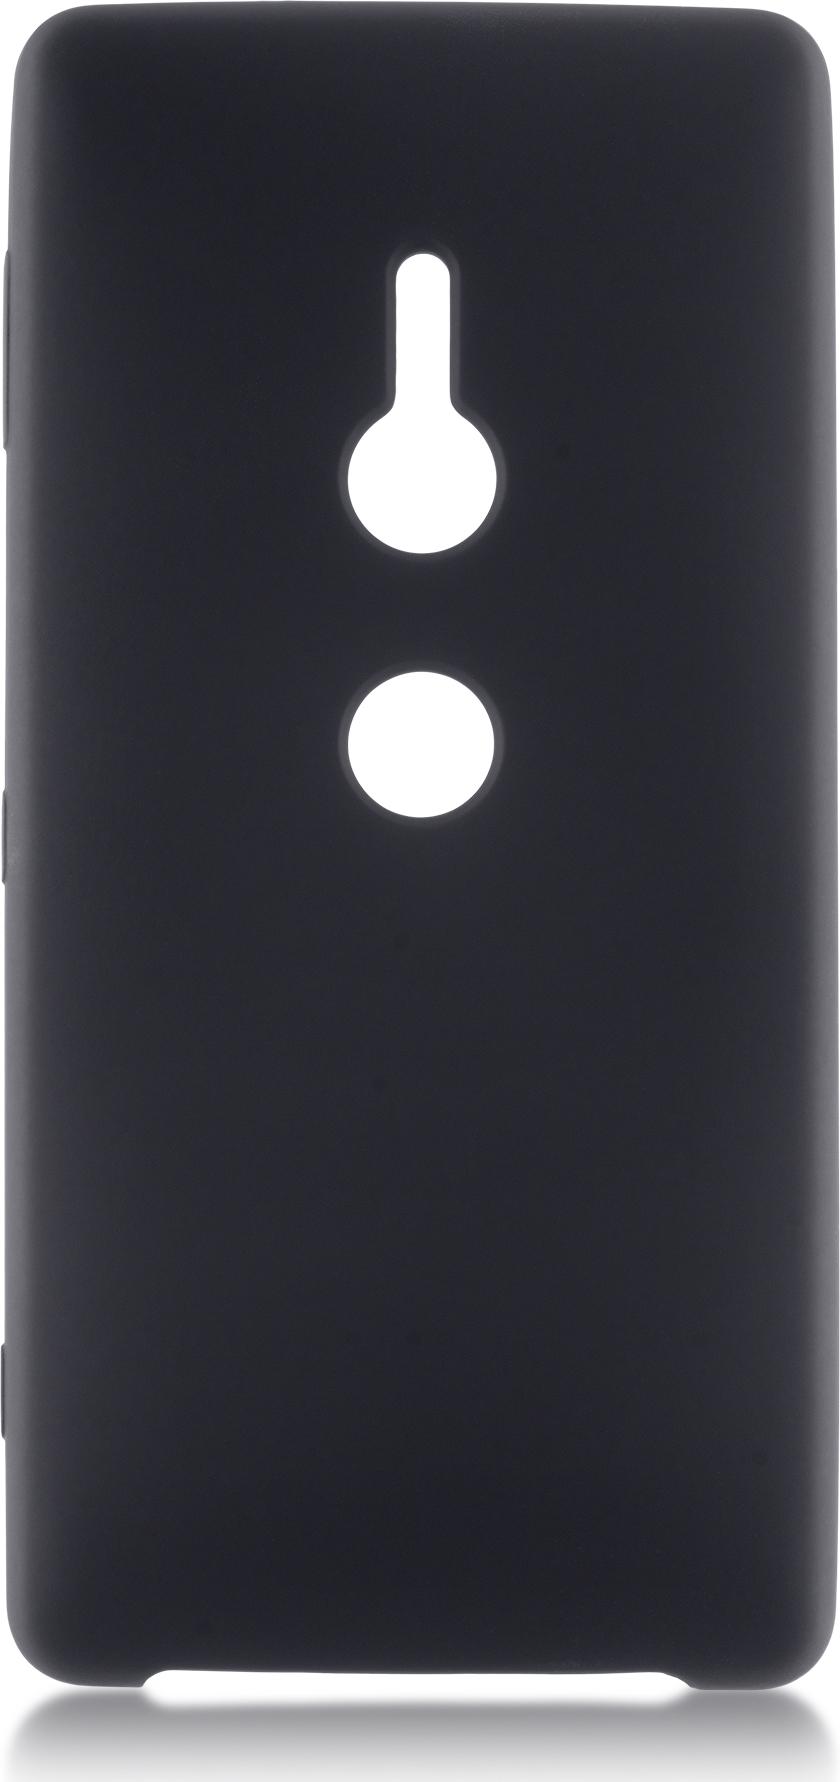 Чехол Brosco Softrubber для Sony Xperia XZ2, черный чехол для sony i4213 xperia 10 plus brosco силиконовая накладка черный